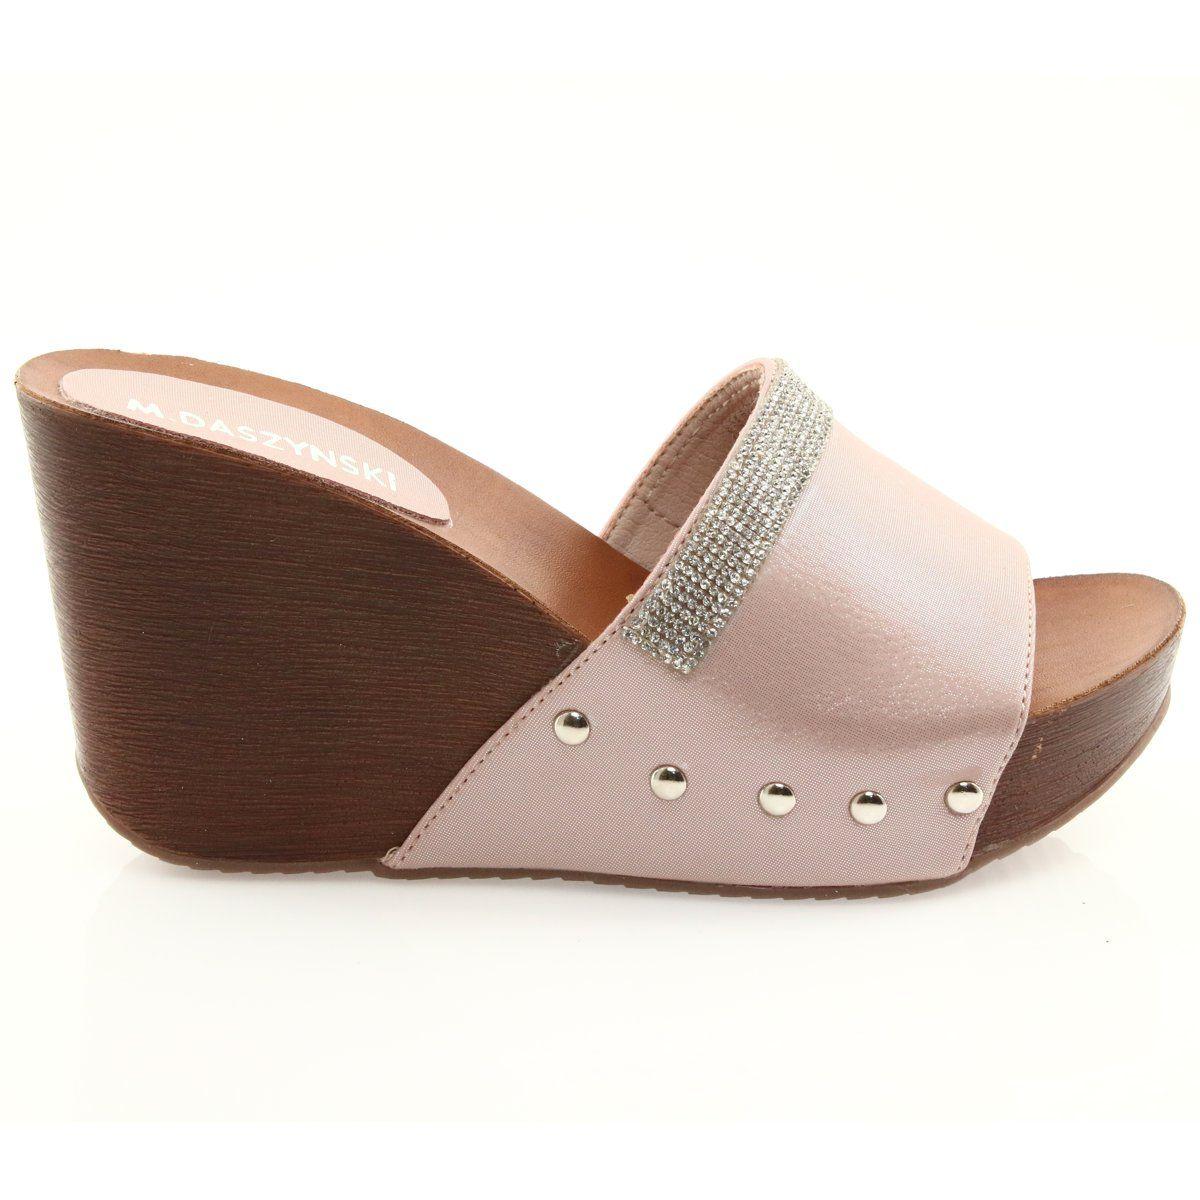 Eleganckie Klapki Damskie Daszynski Klapki Na Koturnie Daszynski Z Cyrkoniami Heels Shoes Heeled Mules